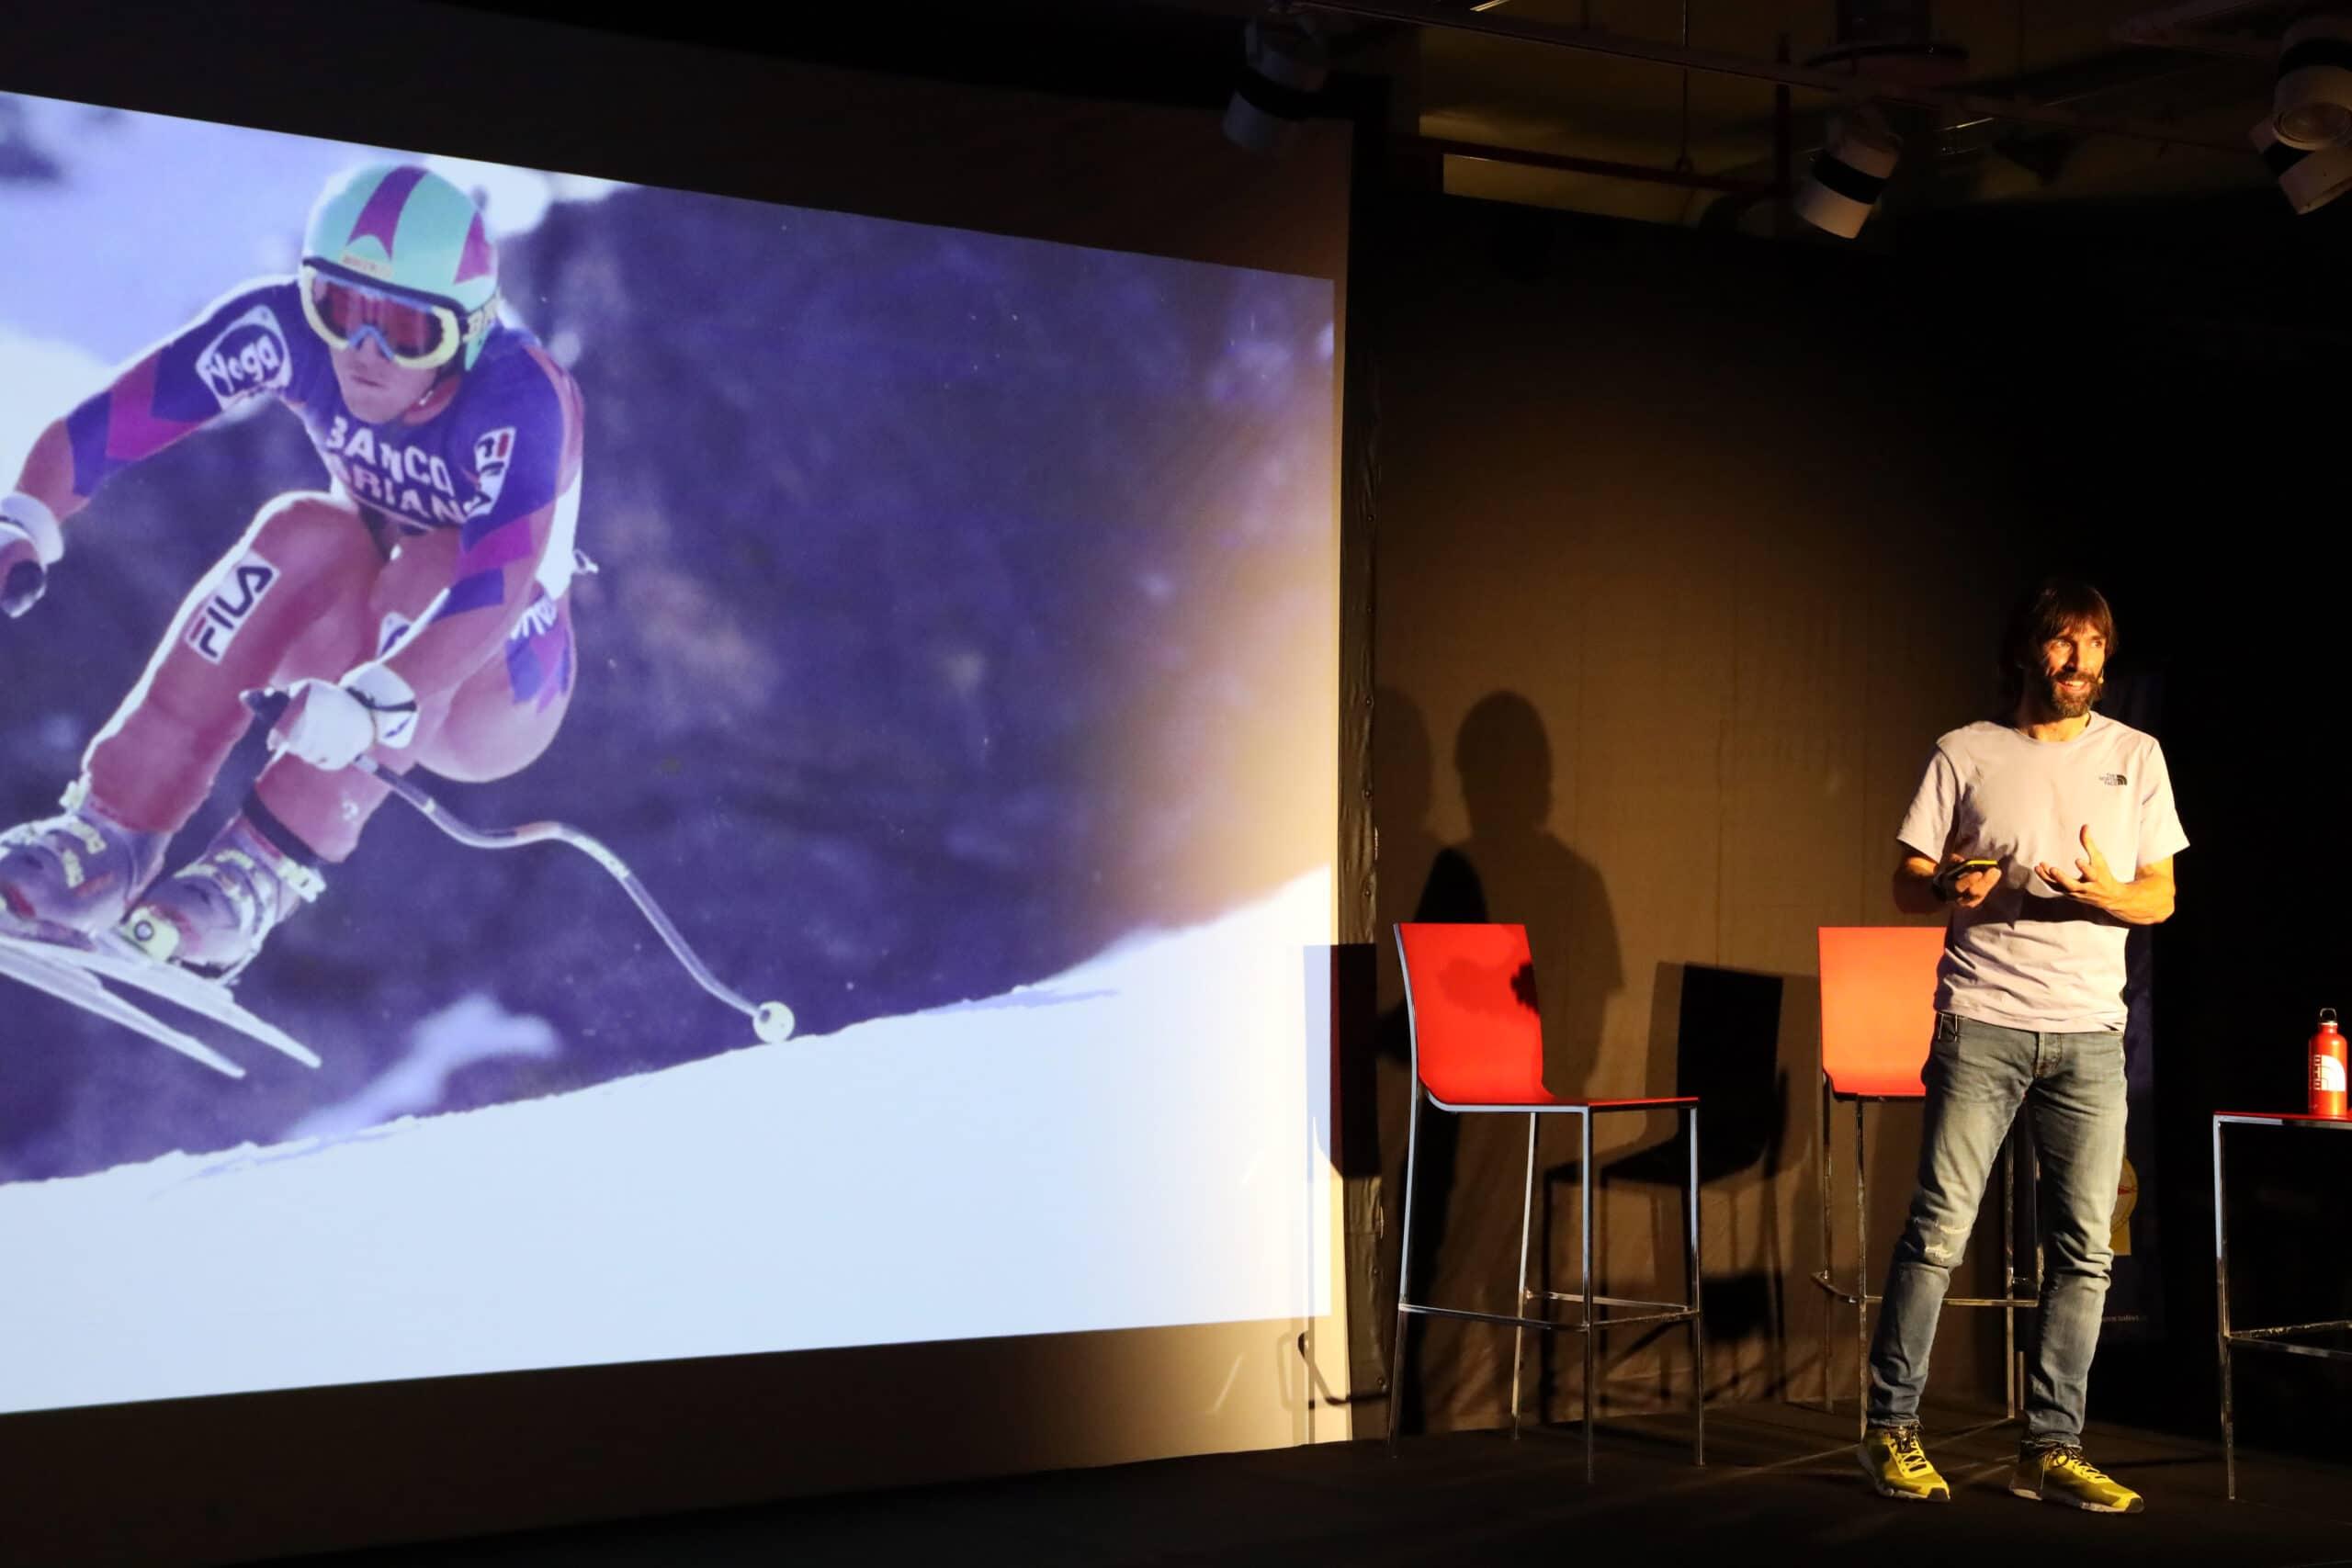 Hervé Barmasse racconta il suo passato da promessa dello sci azzurro